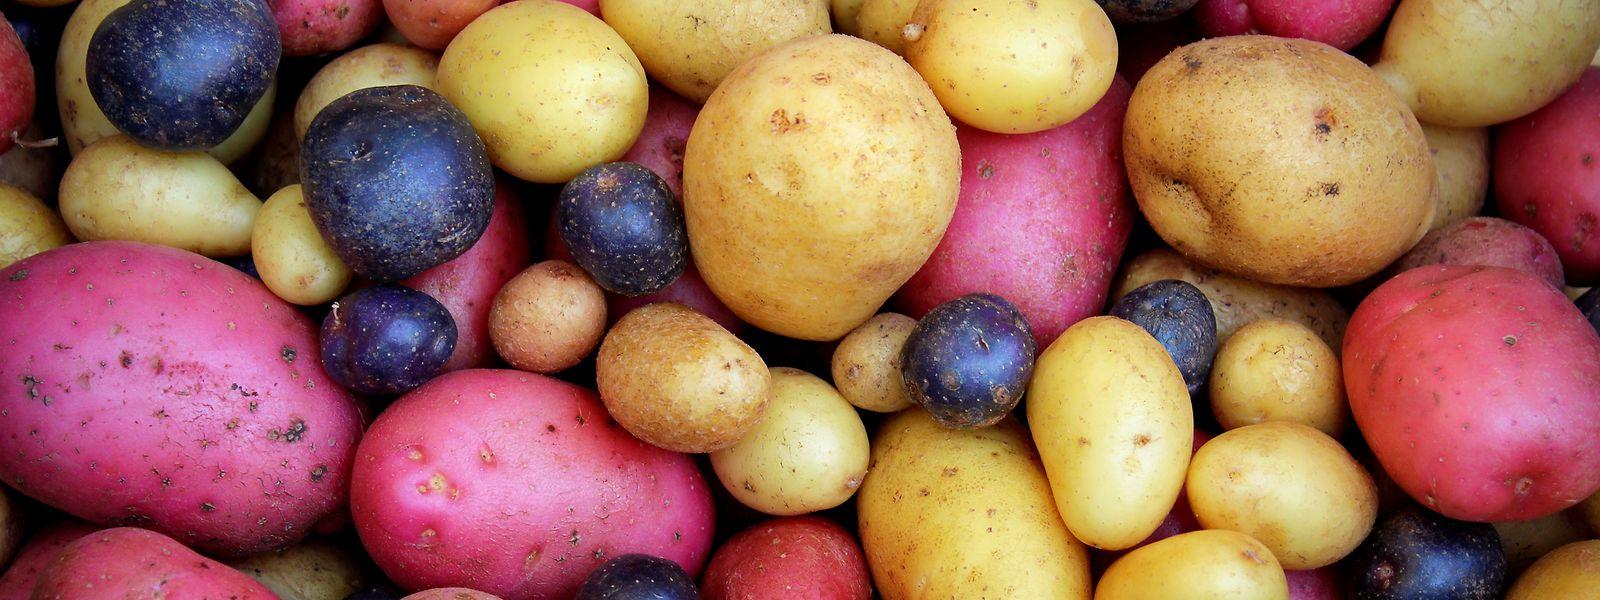 Nach Schätzungen gibt es weltweit mehr als 7.000 Kartoffelsorten – und es kommen immer wieder neue Züchtungen hinzu.